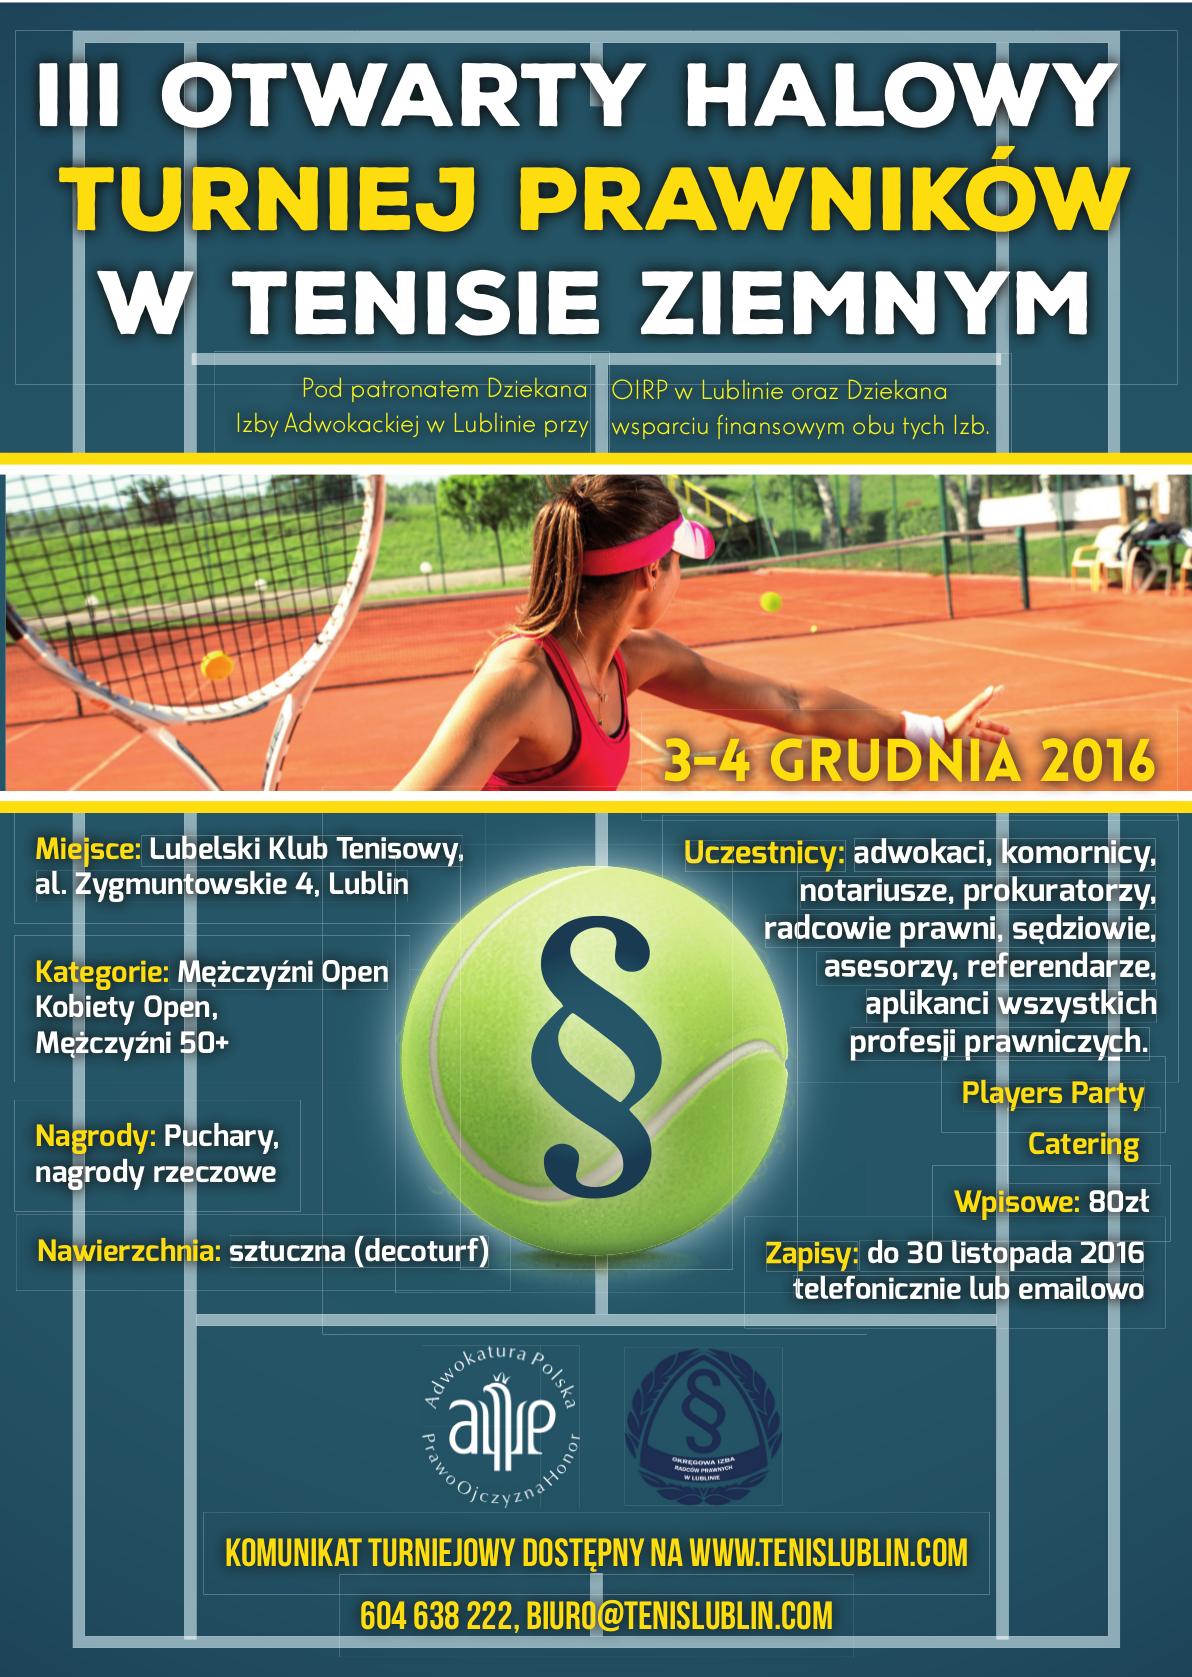 plakat-iii-oh-turniej-prawnikow-1